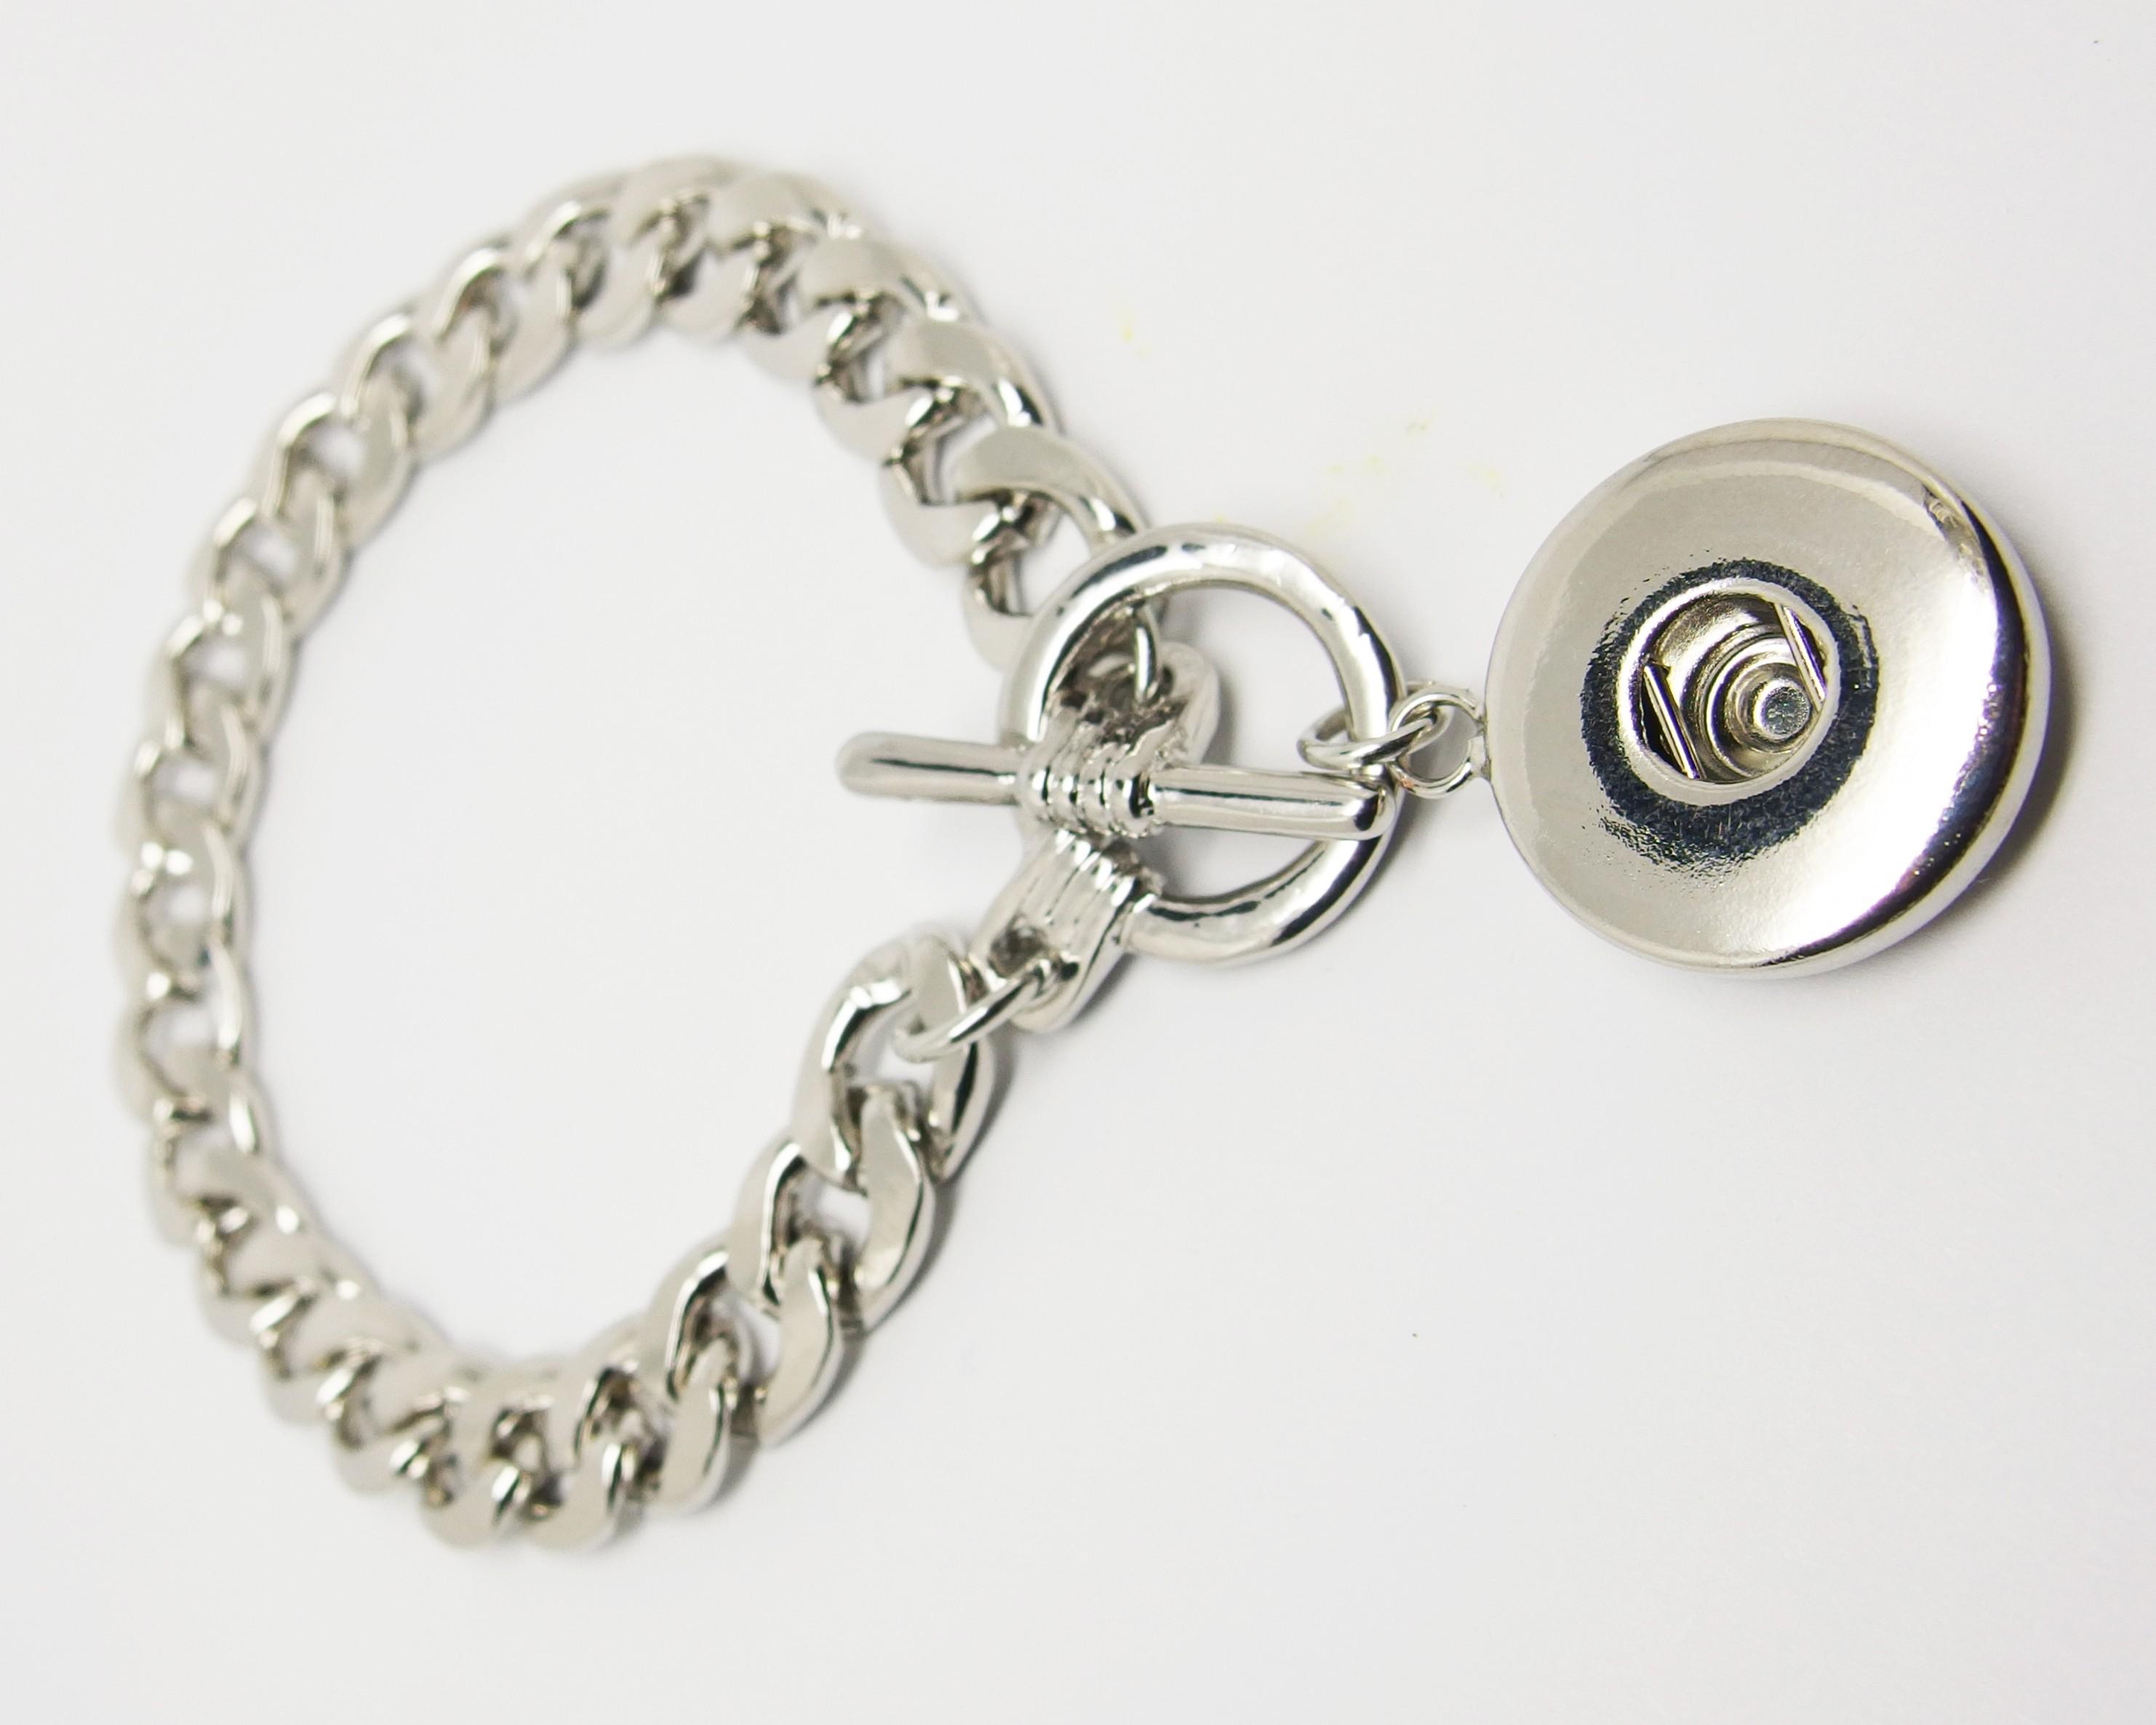 CHA010 - Breite Gliederarmbänder für Schmuck Druckknöpfe m. Knebelverschluss